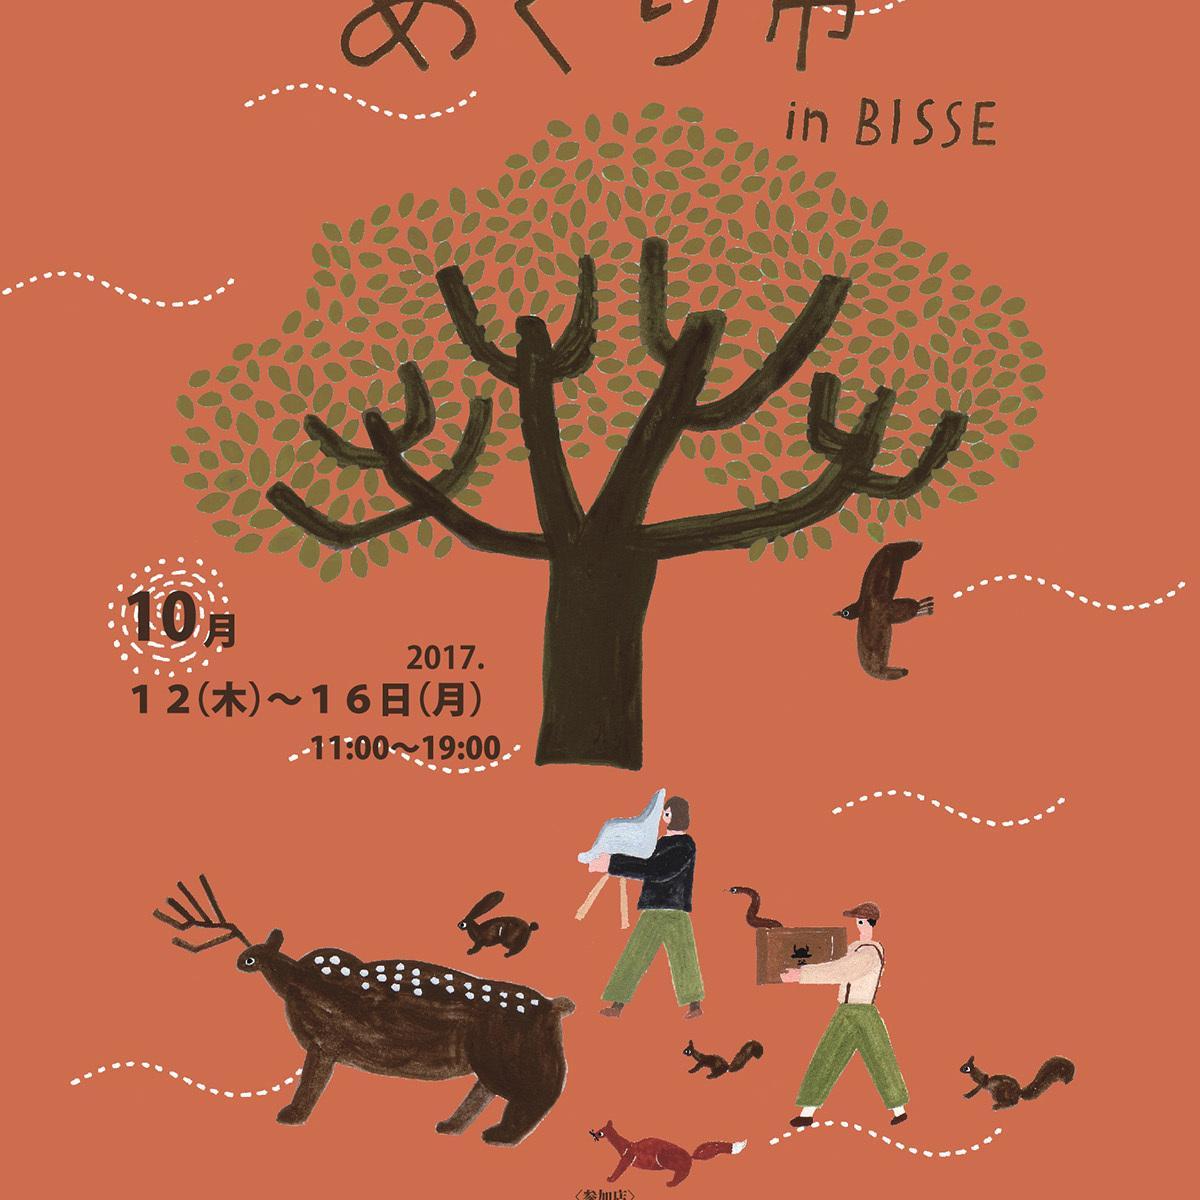 【めぐり市 in BISSE】10月